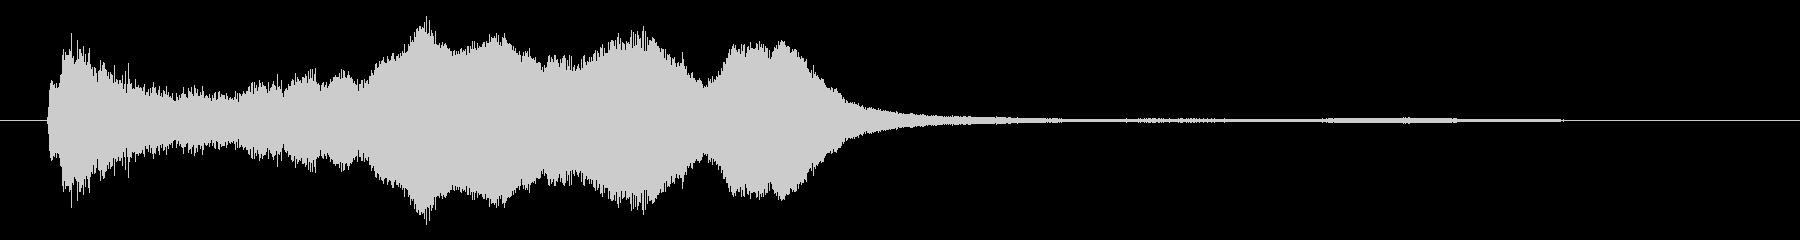 ホラー☆ガラスを引っ掻いたような効果音の未再生の波形